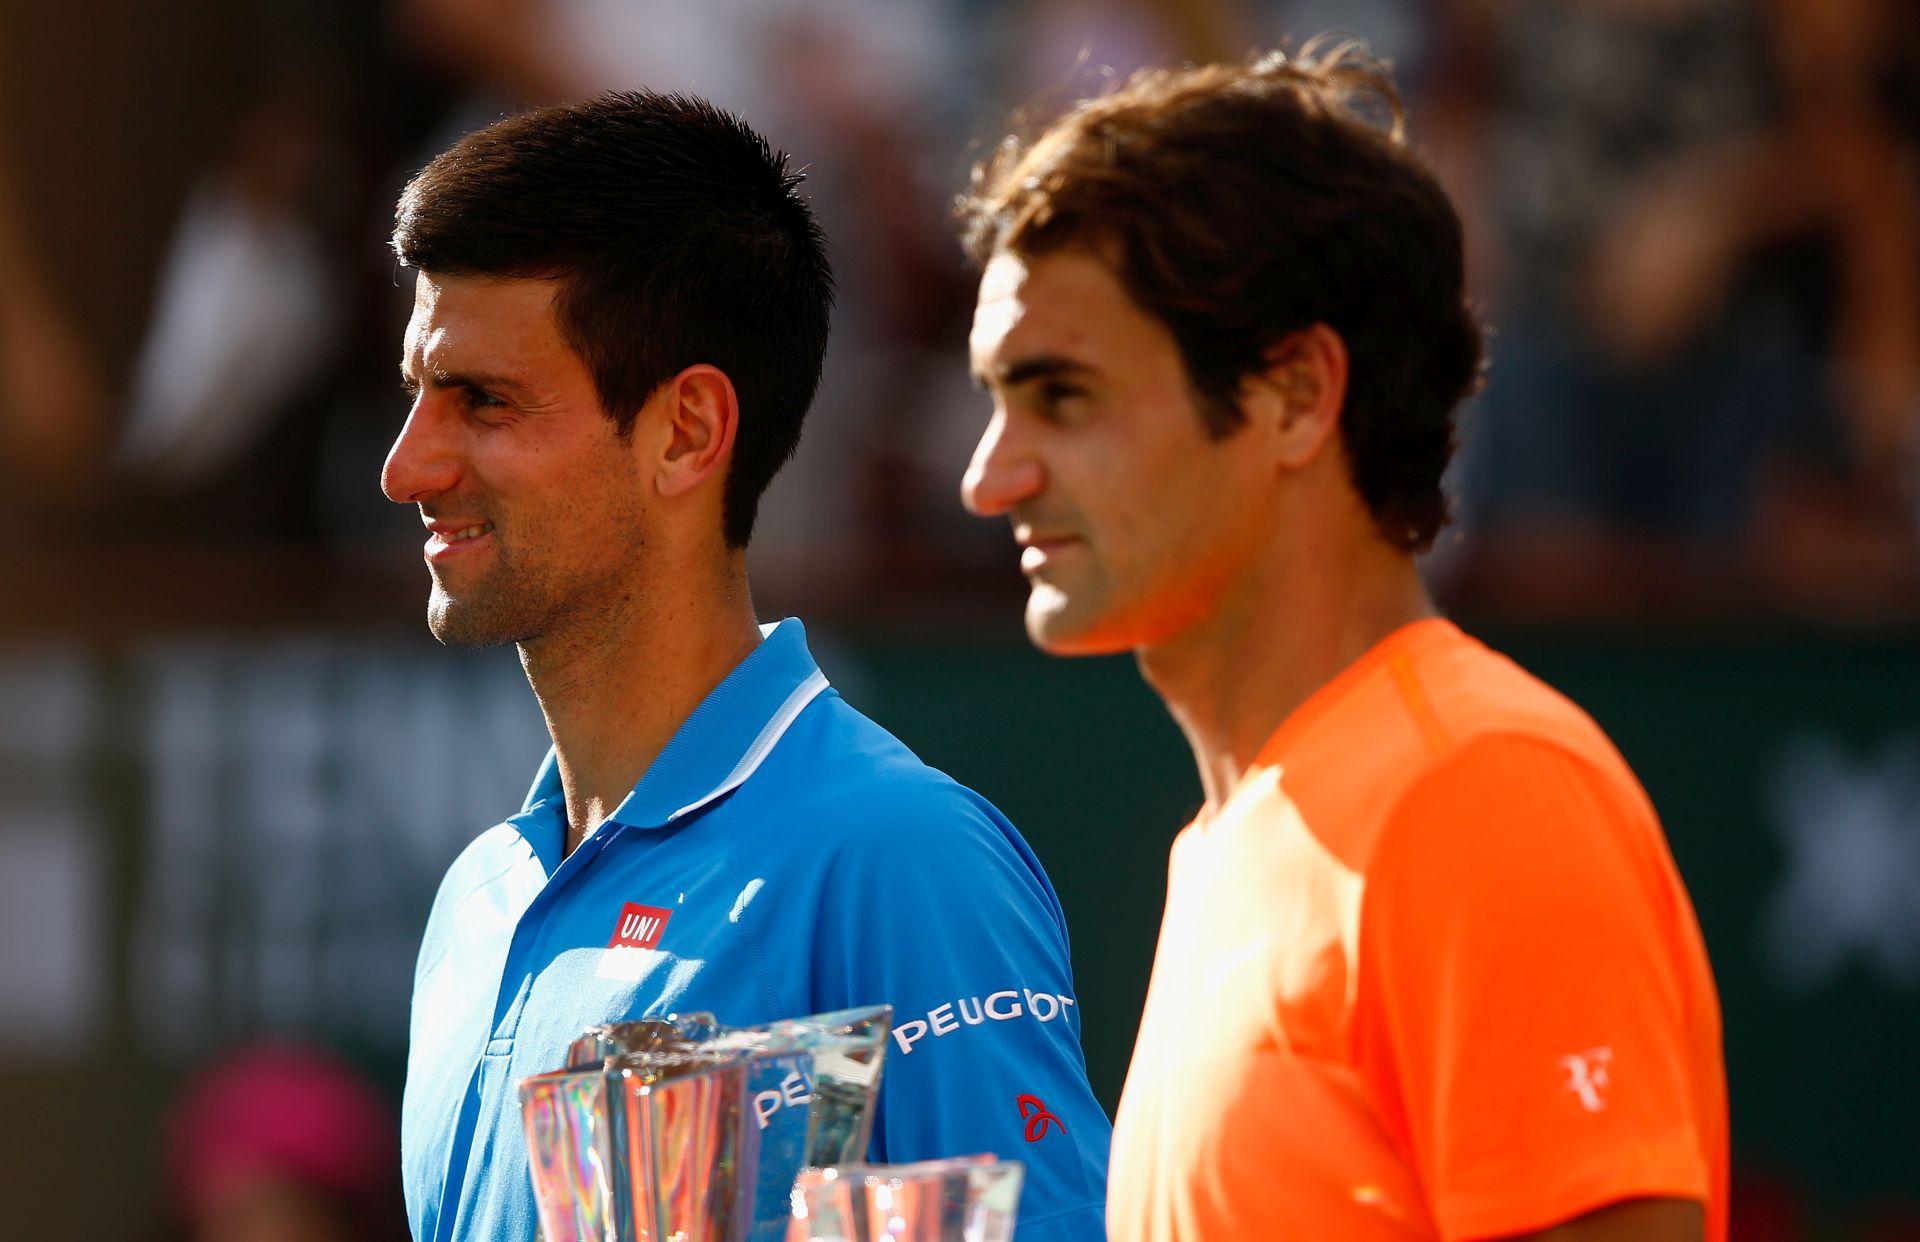 ZAVRŠNICA CINCINNATIJA Finalni parovi Williams – Halep i Đoković -Federer